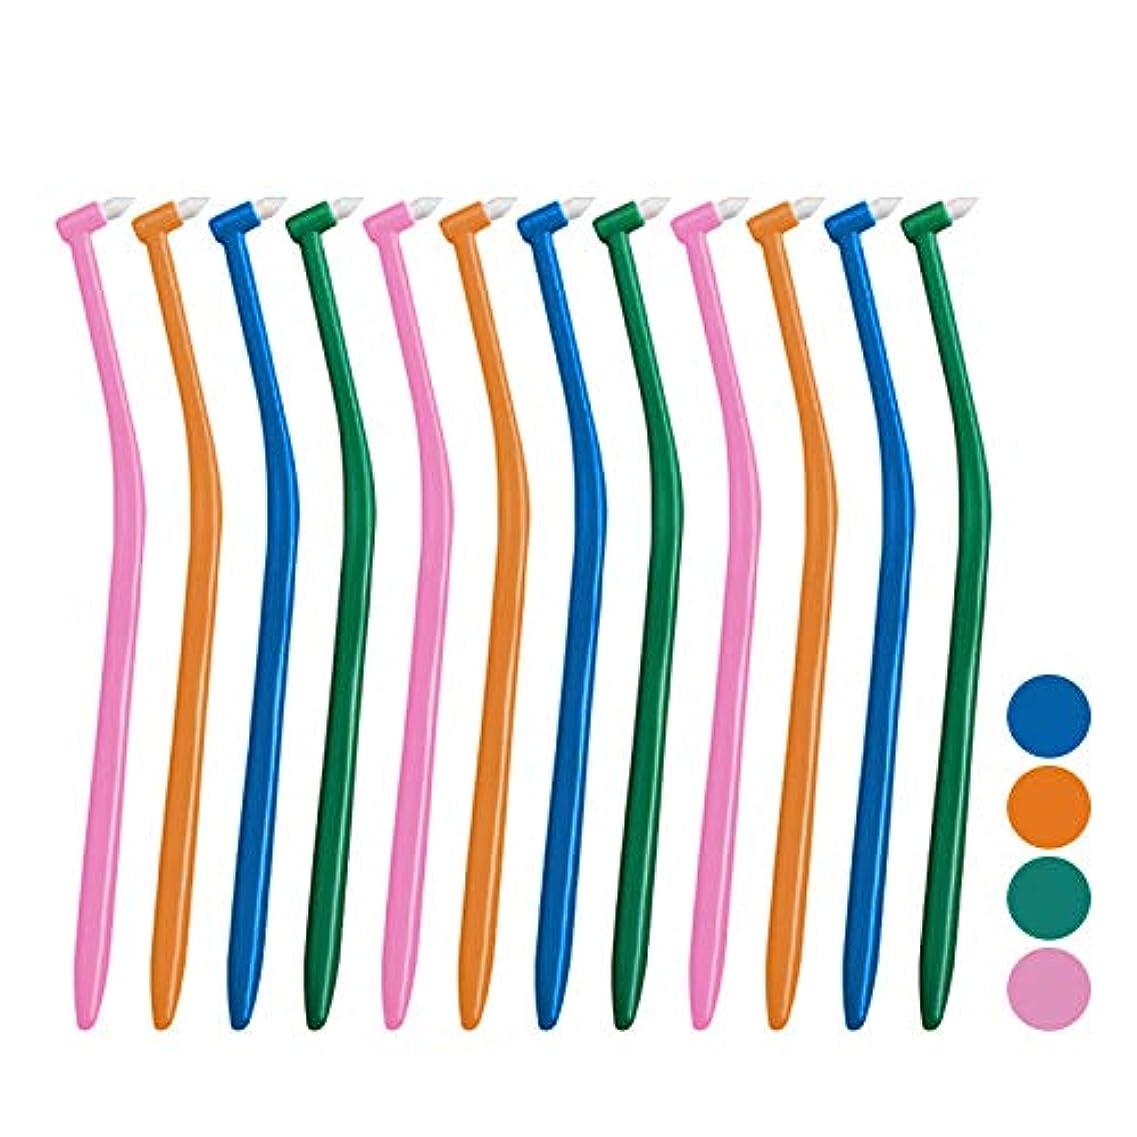 引き付ける騒肘サムフレンド p(ピー) シリーズ ピー アリーボ (ワンタフト) × 12本セット (ソフト)